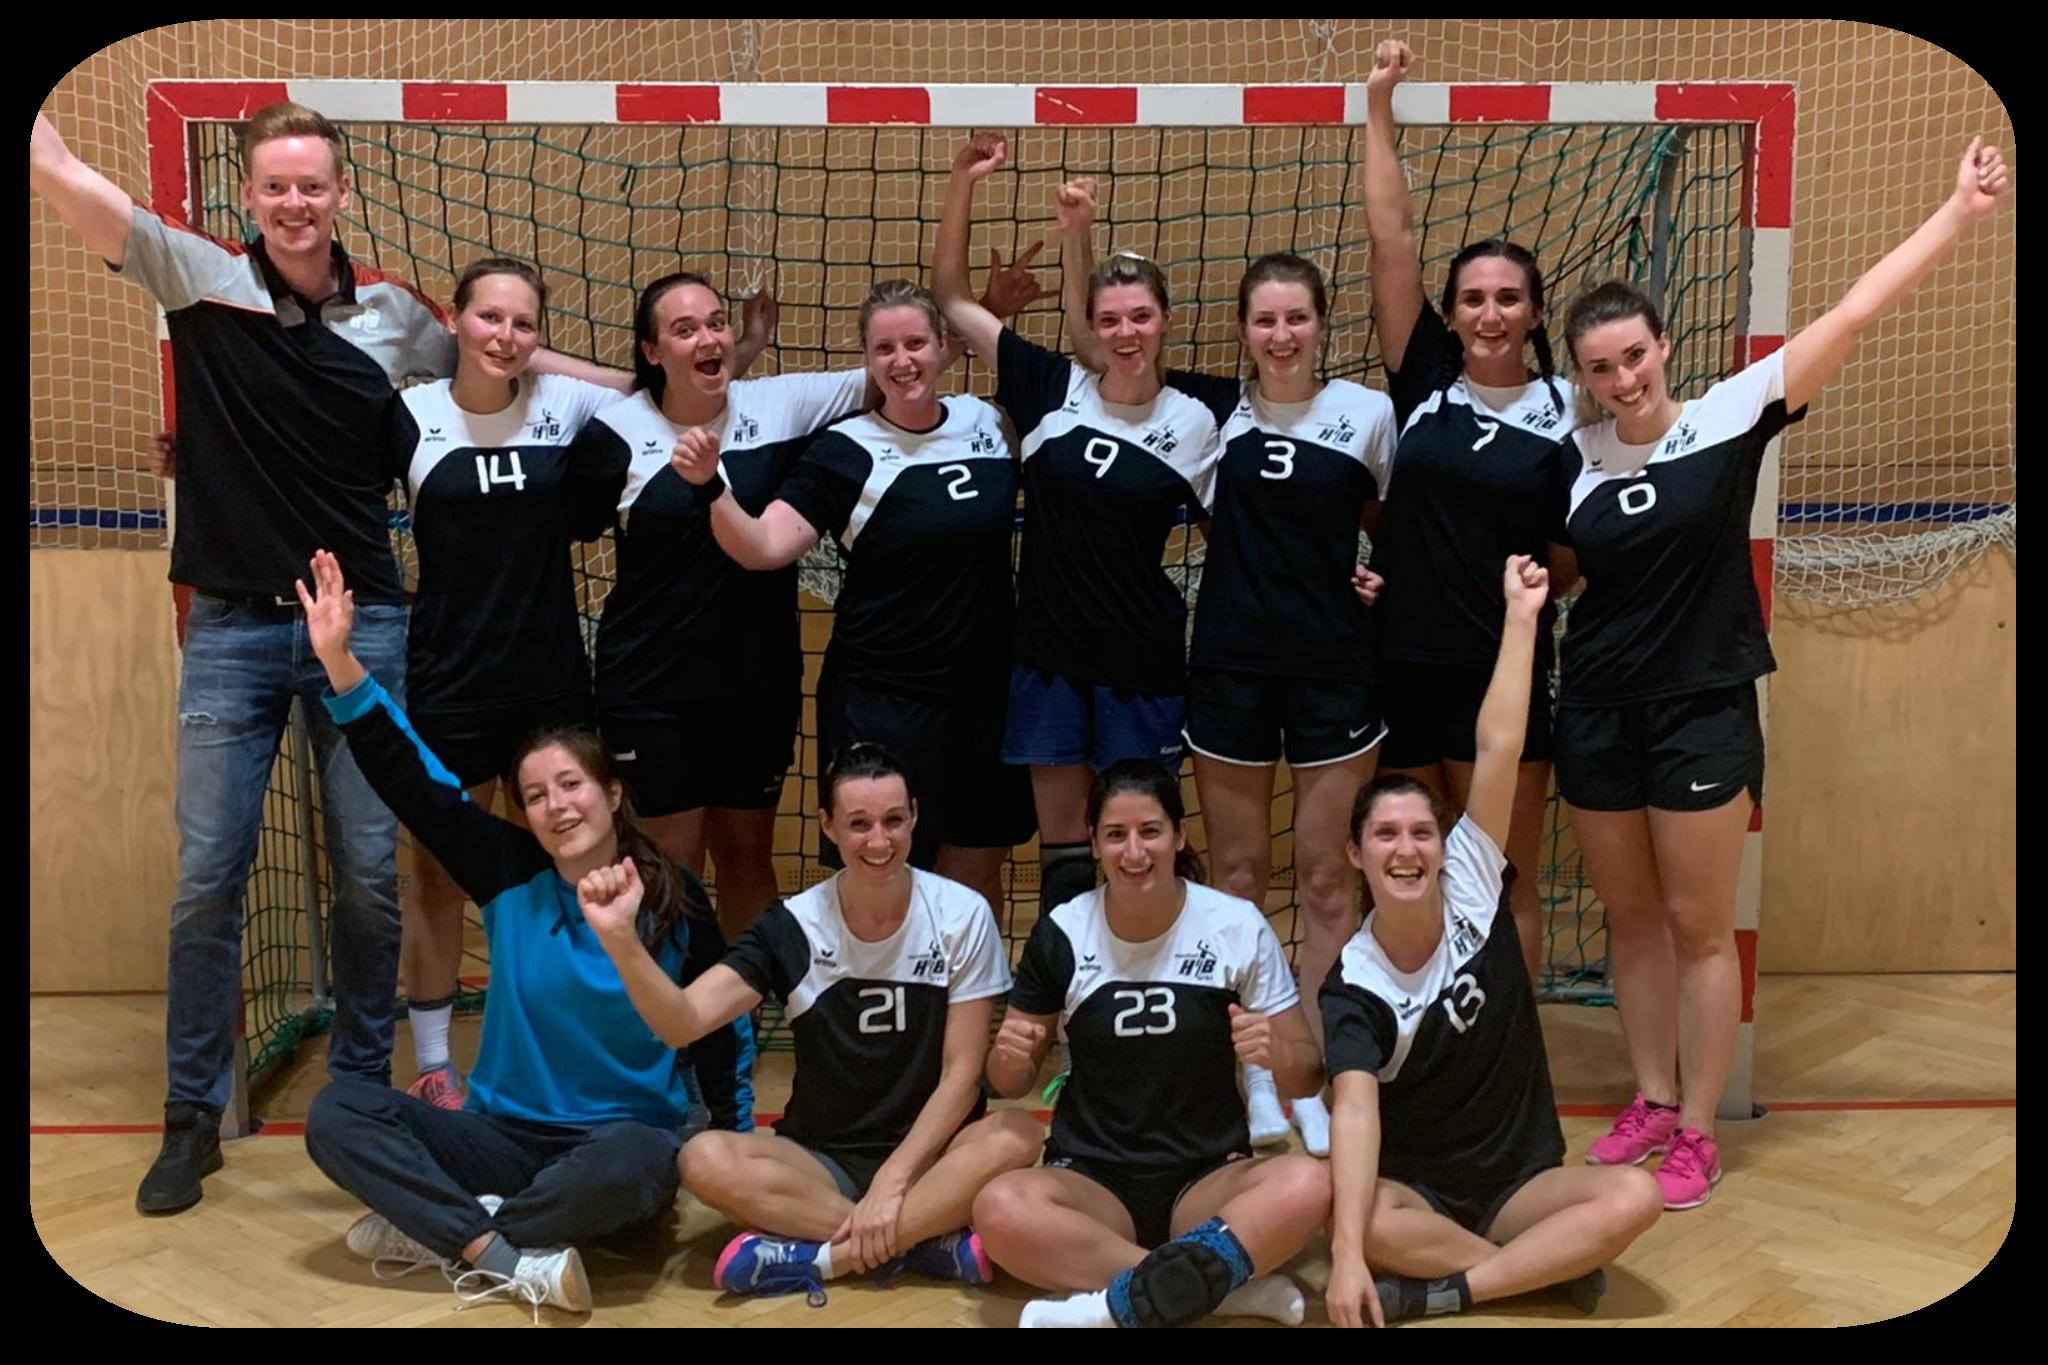 Unsere Landesliga Damen freuten sich sichtlich über den Sieg